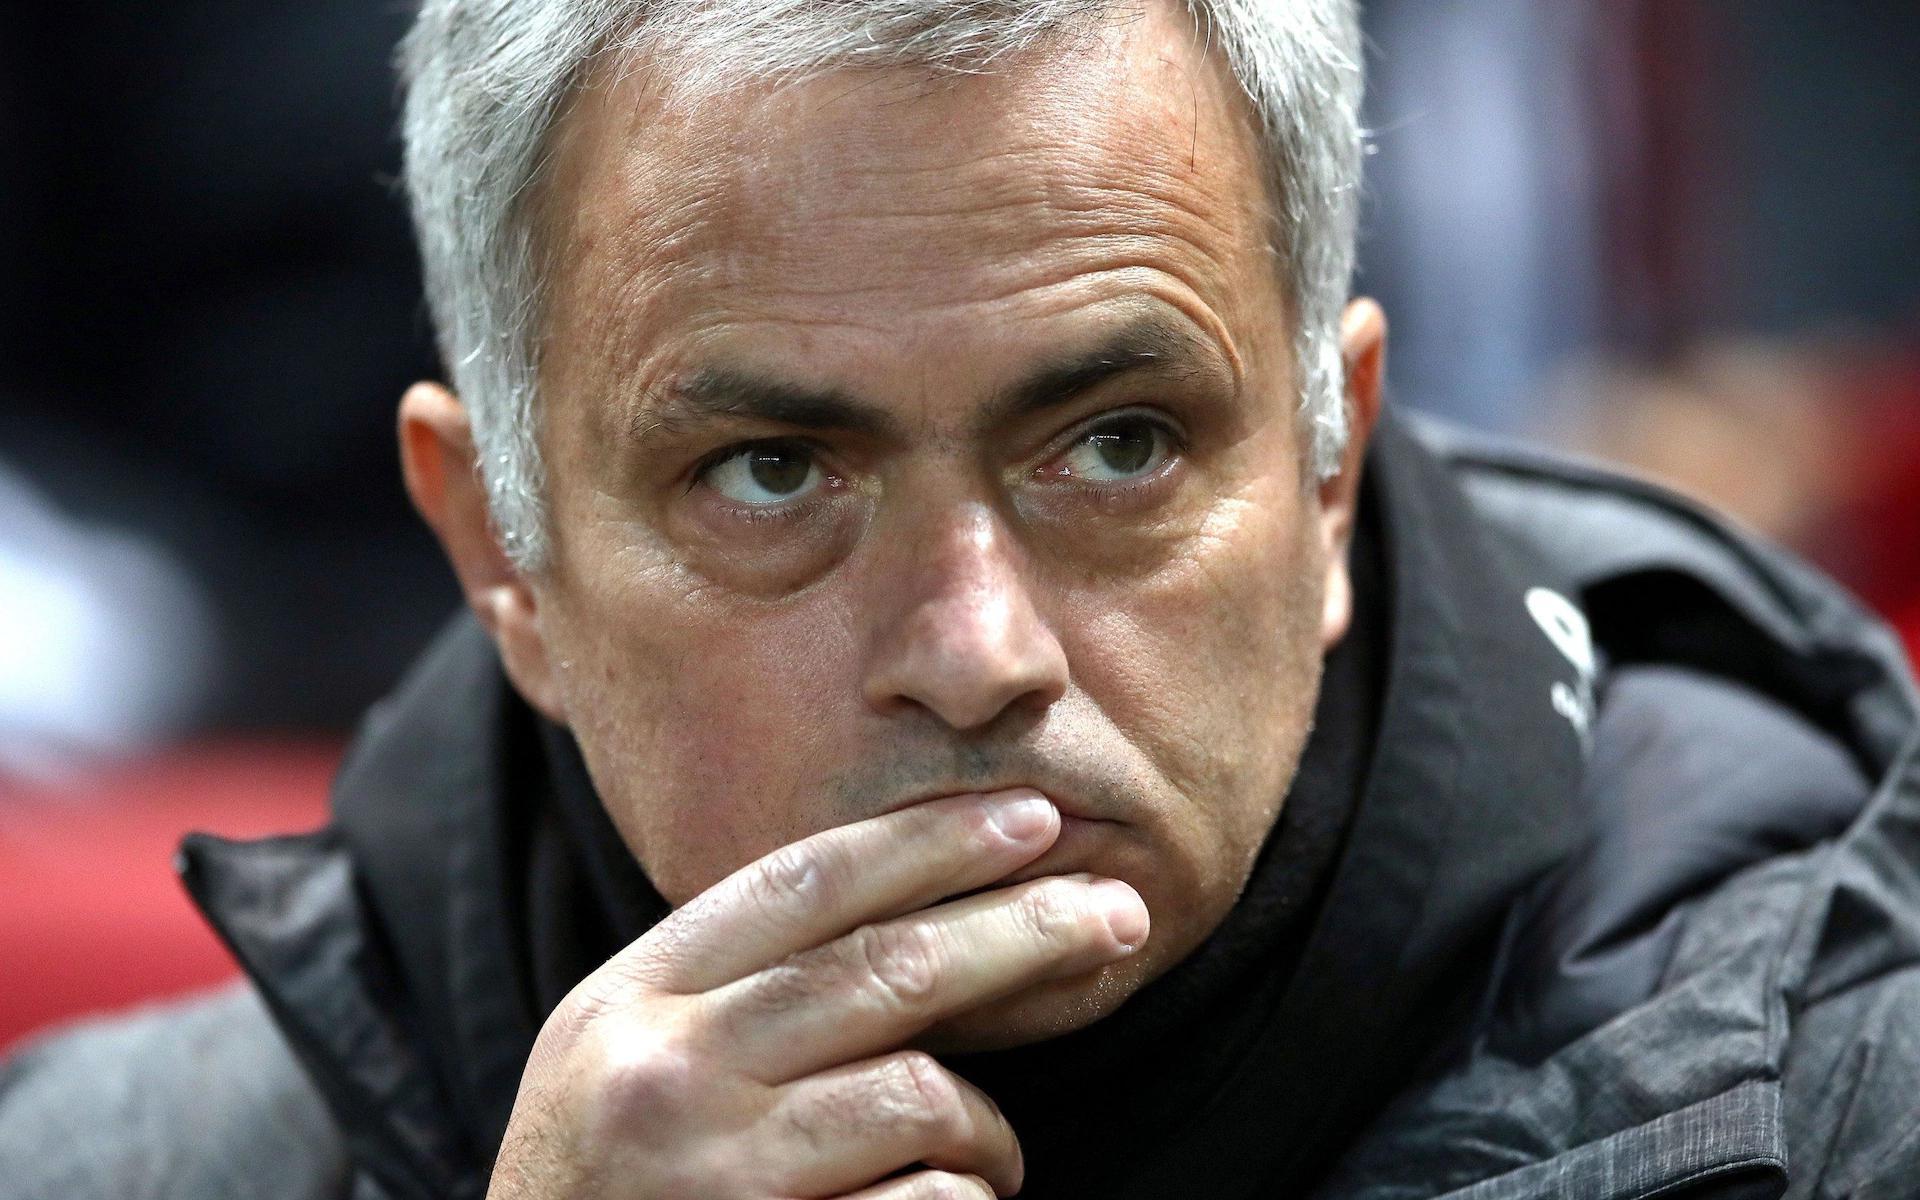 基石!BBC确认曼联将续约穆帅至2021年 10天内签约